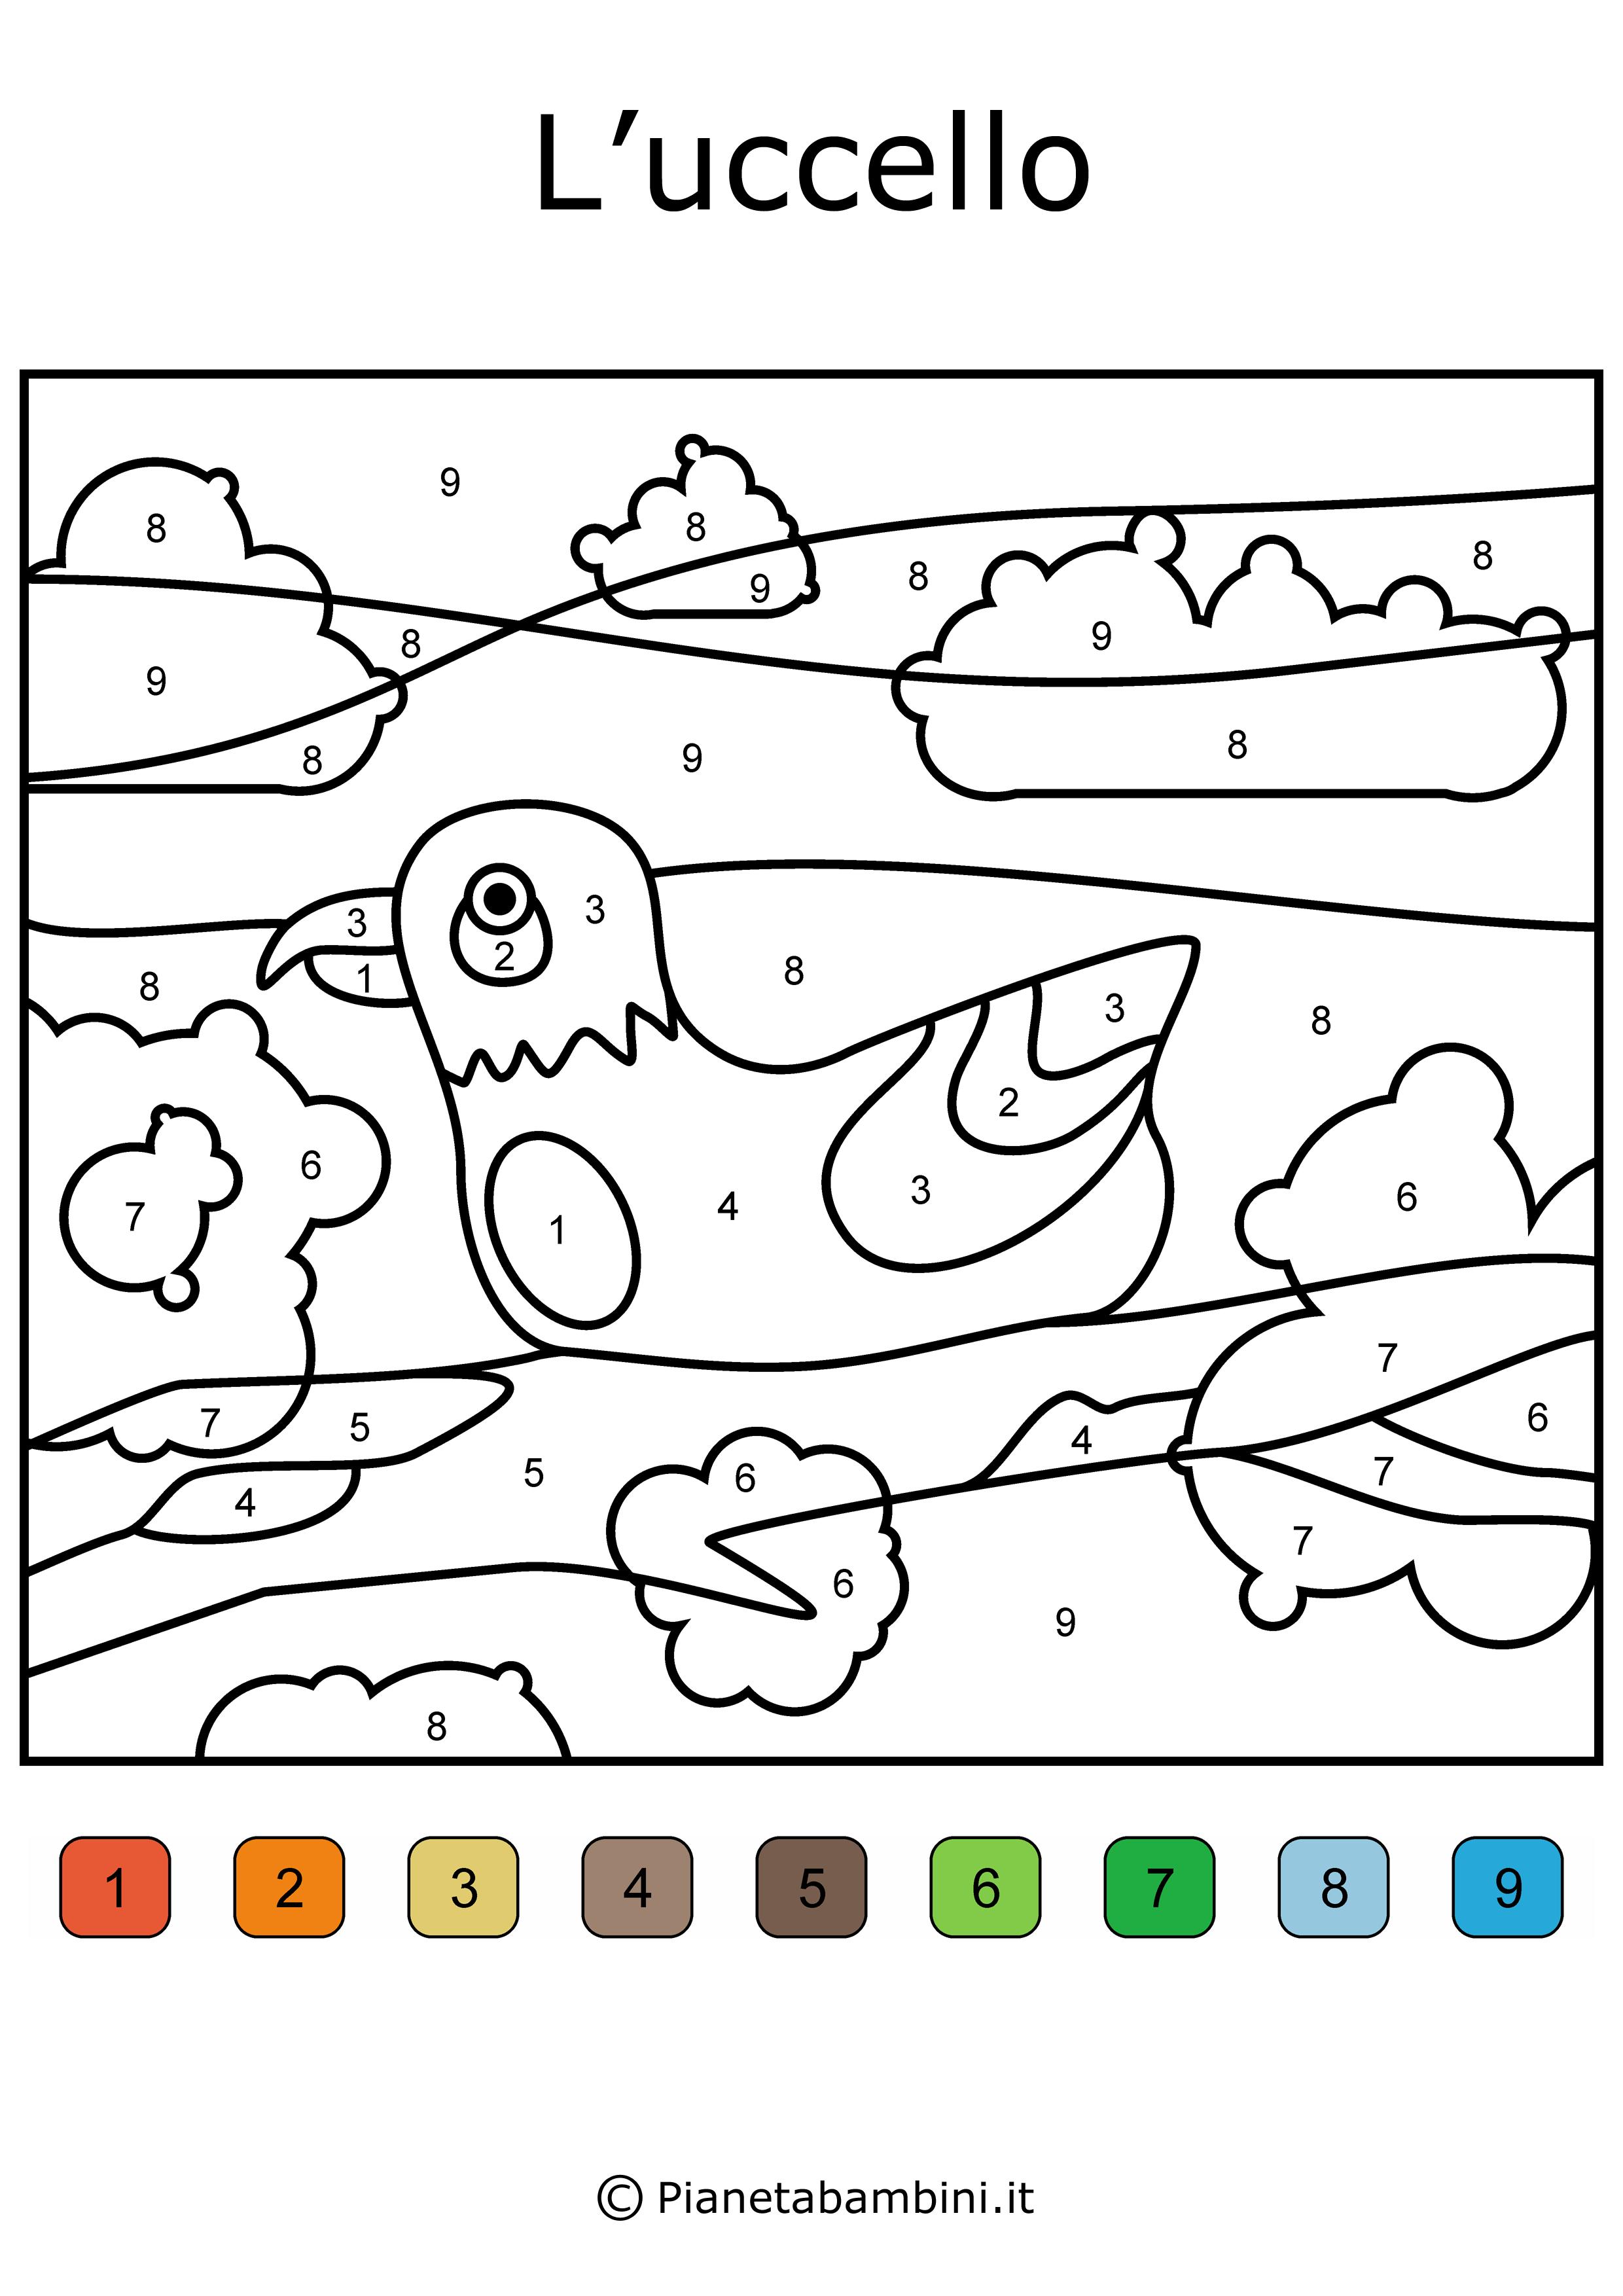 Disegni Da Colorare E Stampare Con I Numeri.Conta E Colora 48 Disegni Da Colorare In Base Ai Numeri Pianetabambini It